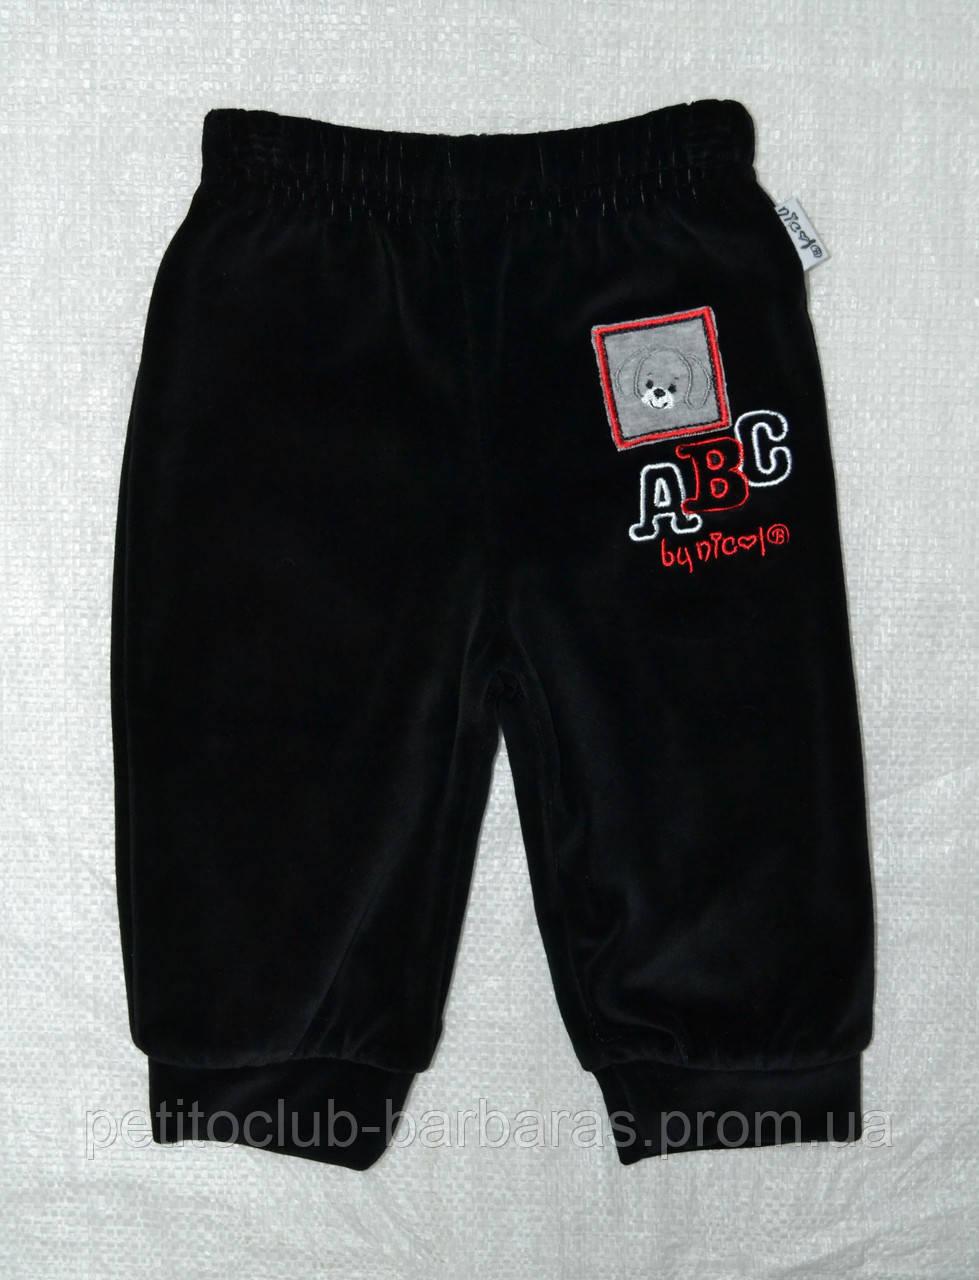 Детские велюровые штаны АВС черные для мальчика р. 68-86 см (Nicol, Польша)